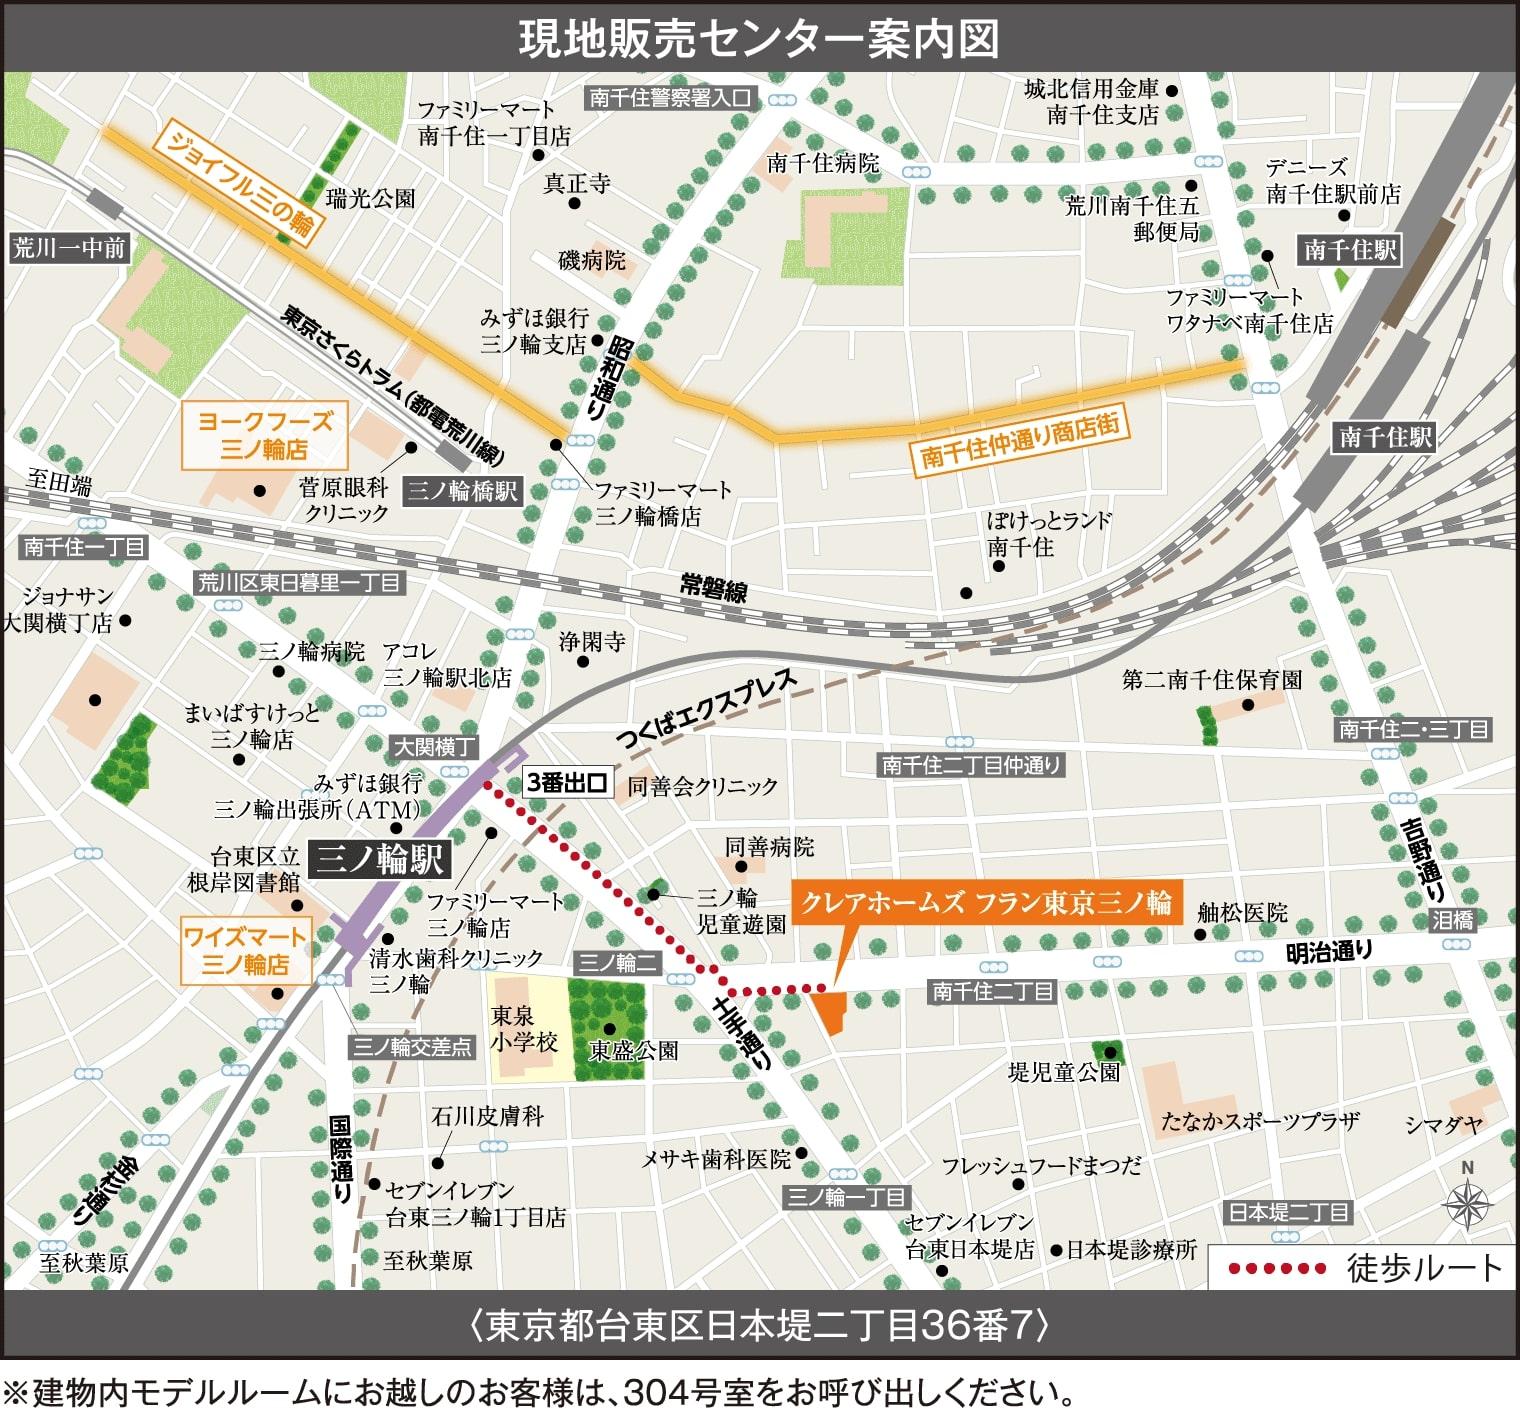 クレアホームズ フラン東京三ノ輪:案内図